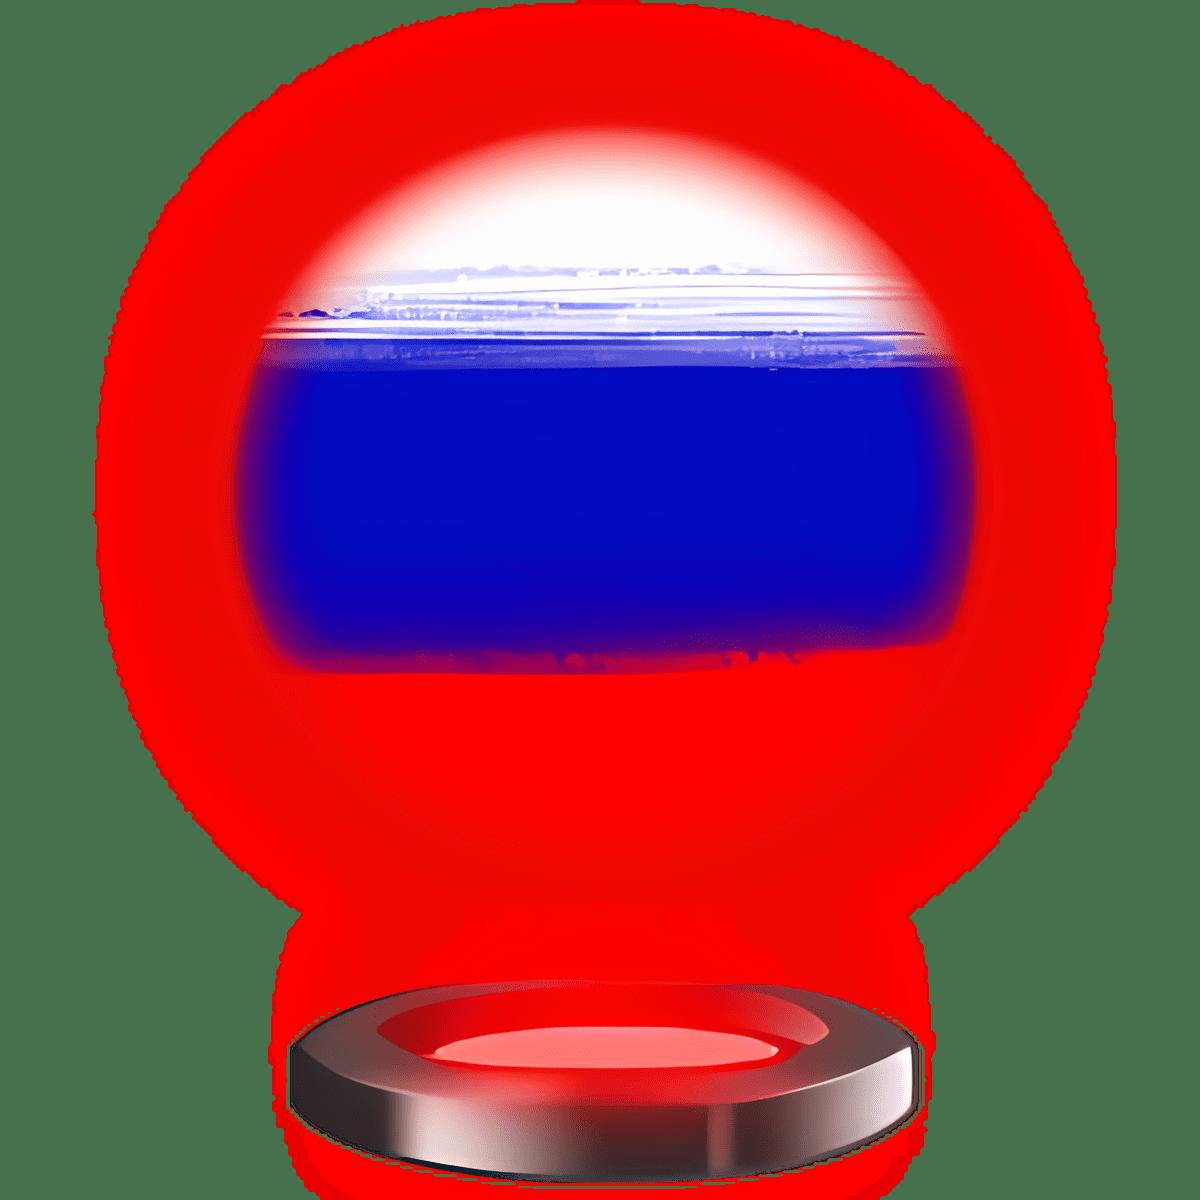 Teclado de Rusia